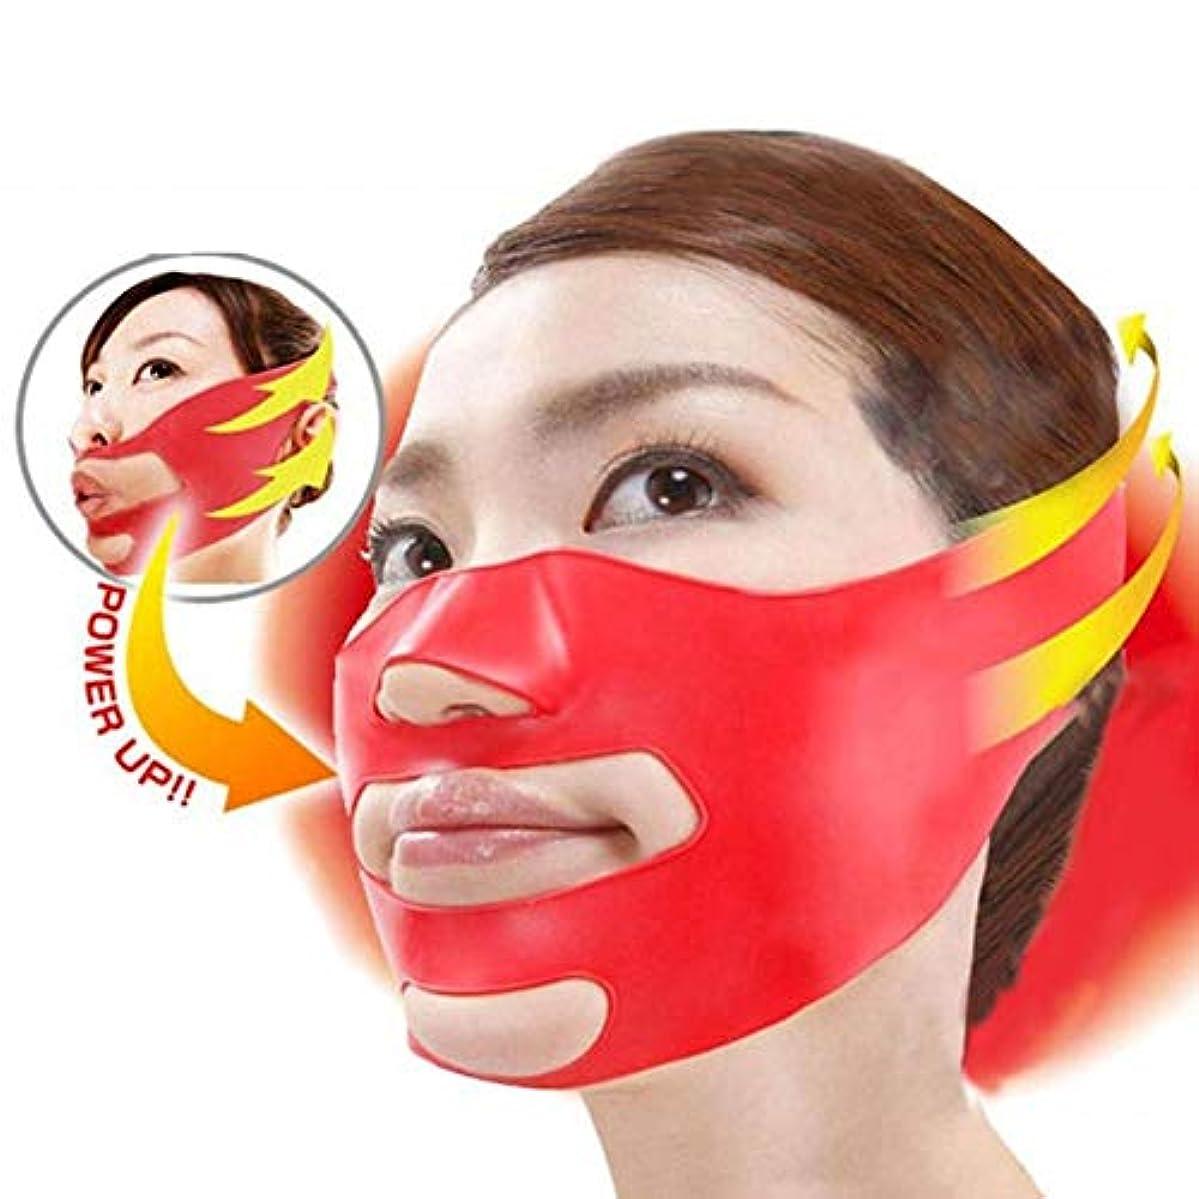 例外公然とラリーベルモント1ピース3dフェイスリフトツールフェイシャルシェイパーv頬リフトアップフェイスマスク痩身マスクベルト包帯成形整形スリム女性美容ツール